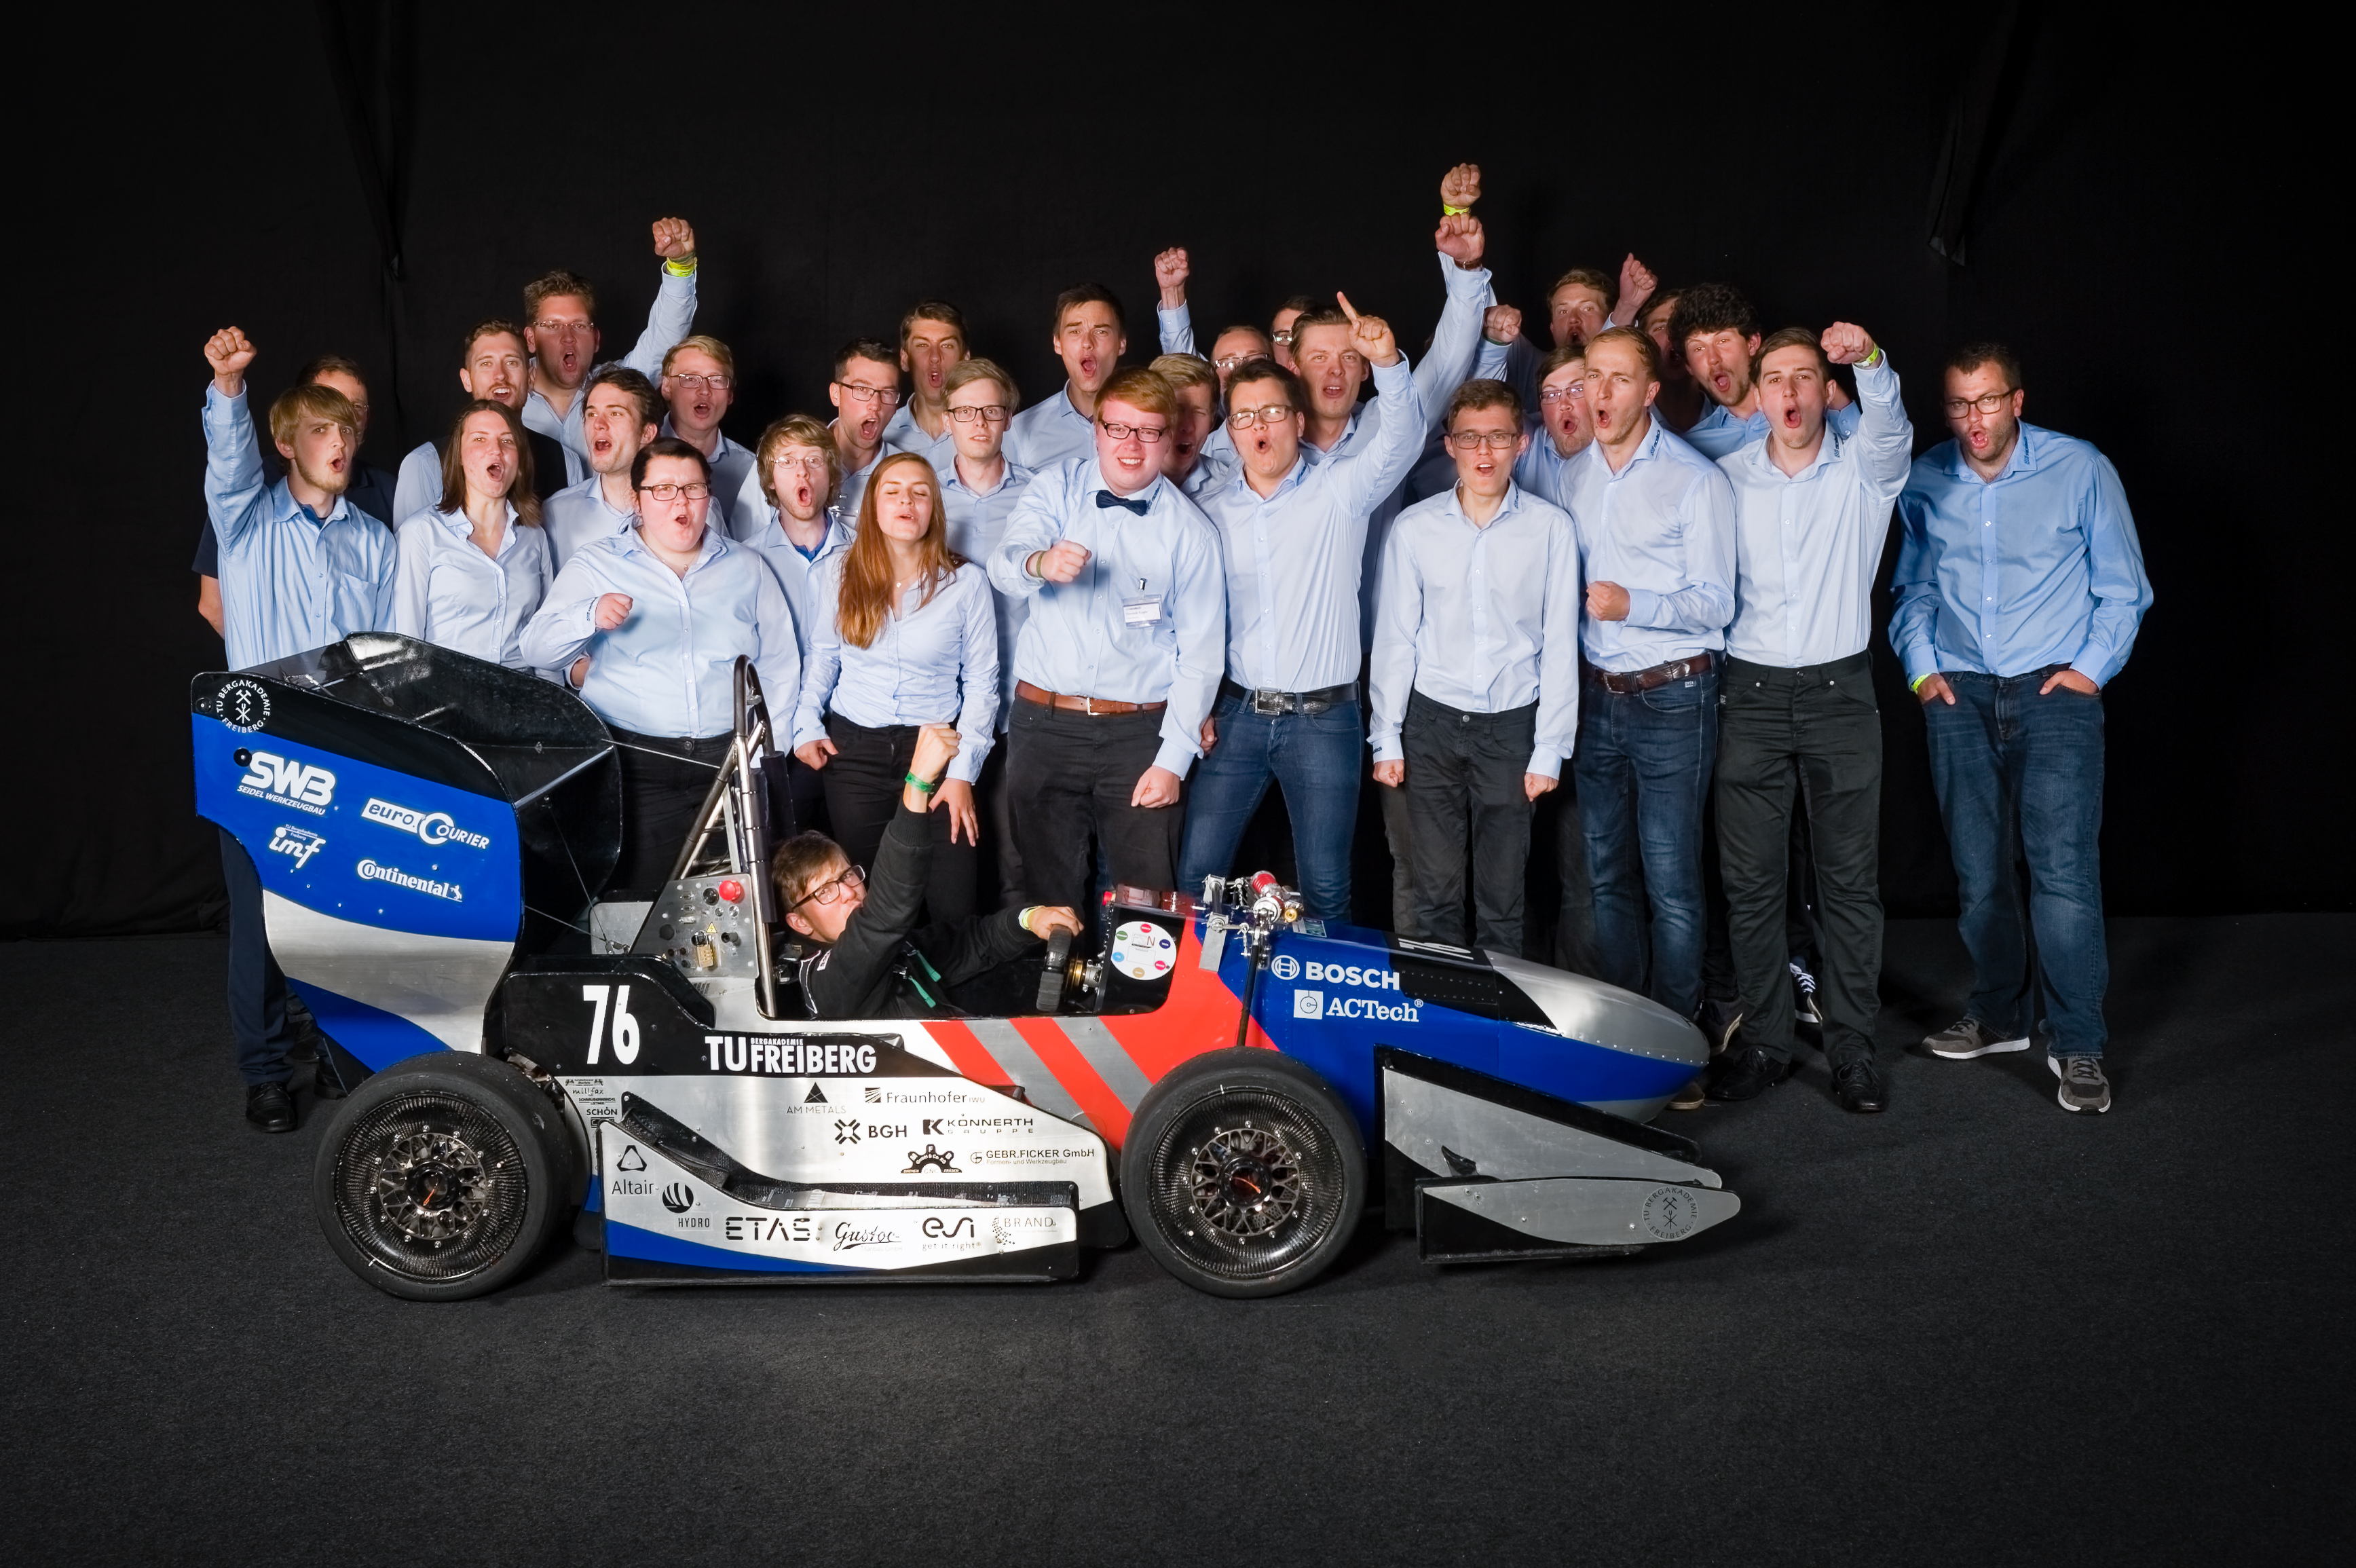 Das Team des RT12 beim Gruppenfoto in Hockenheim 2017